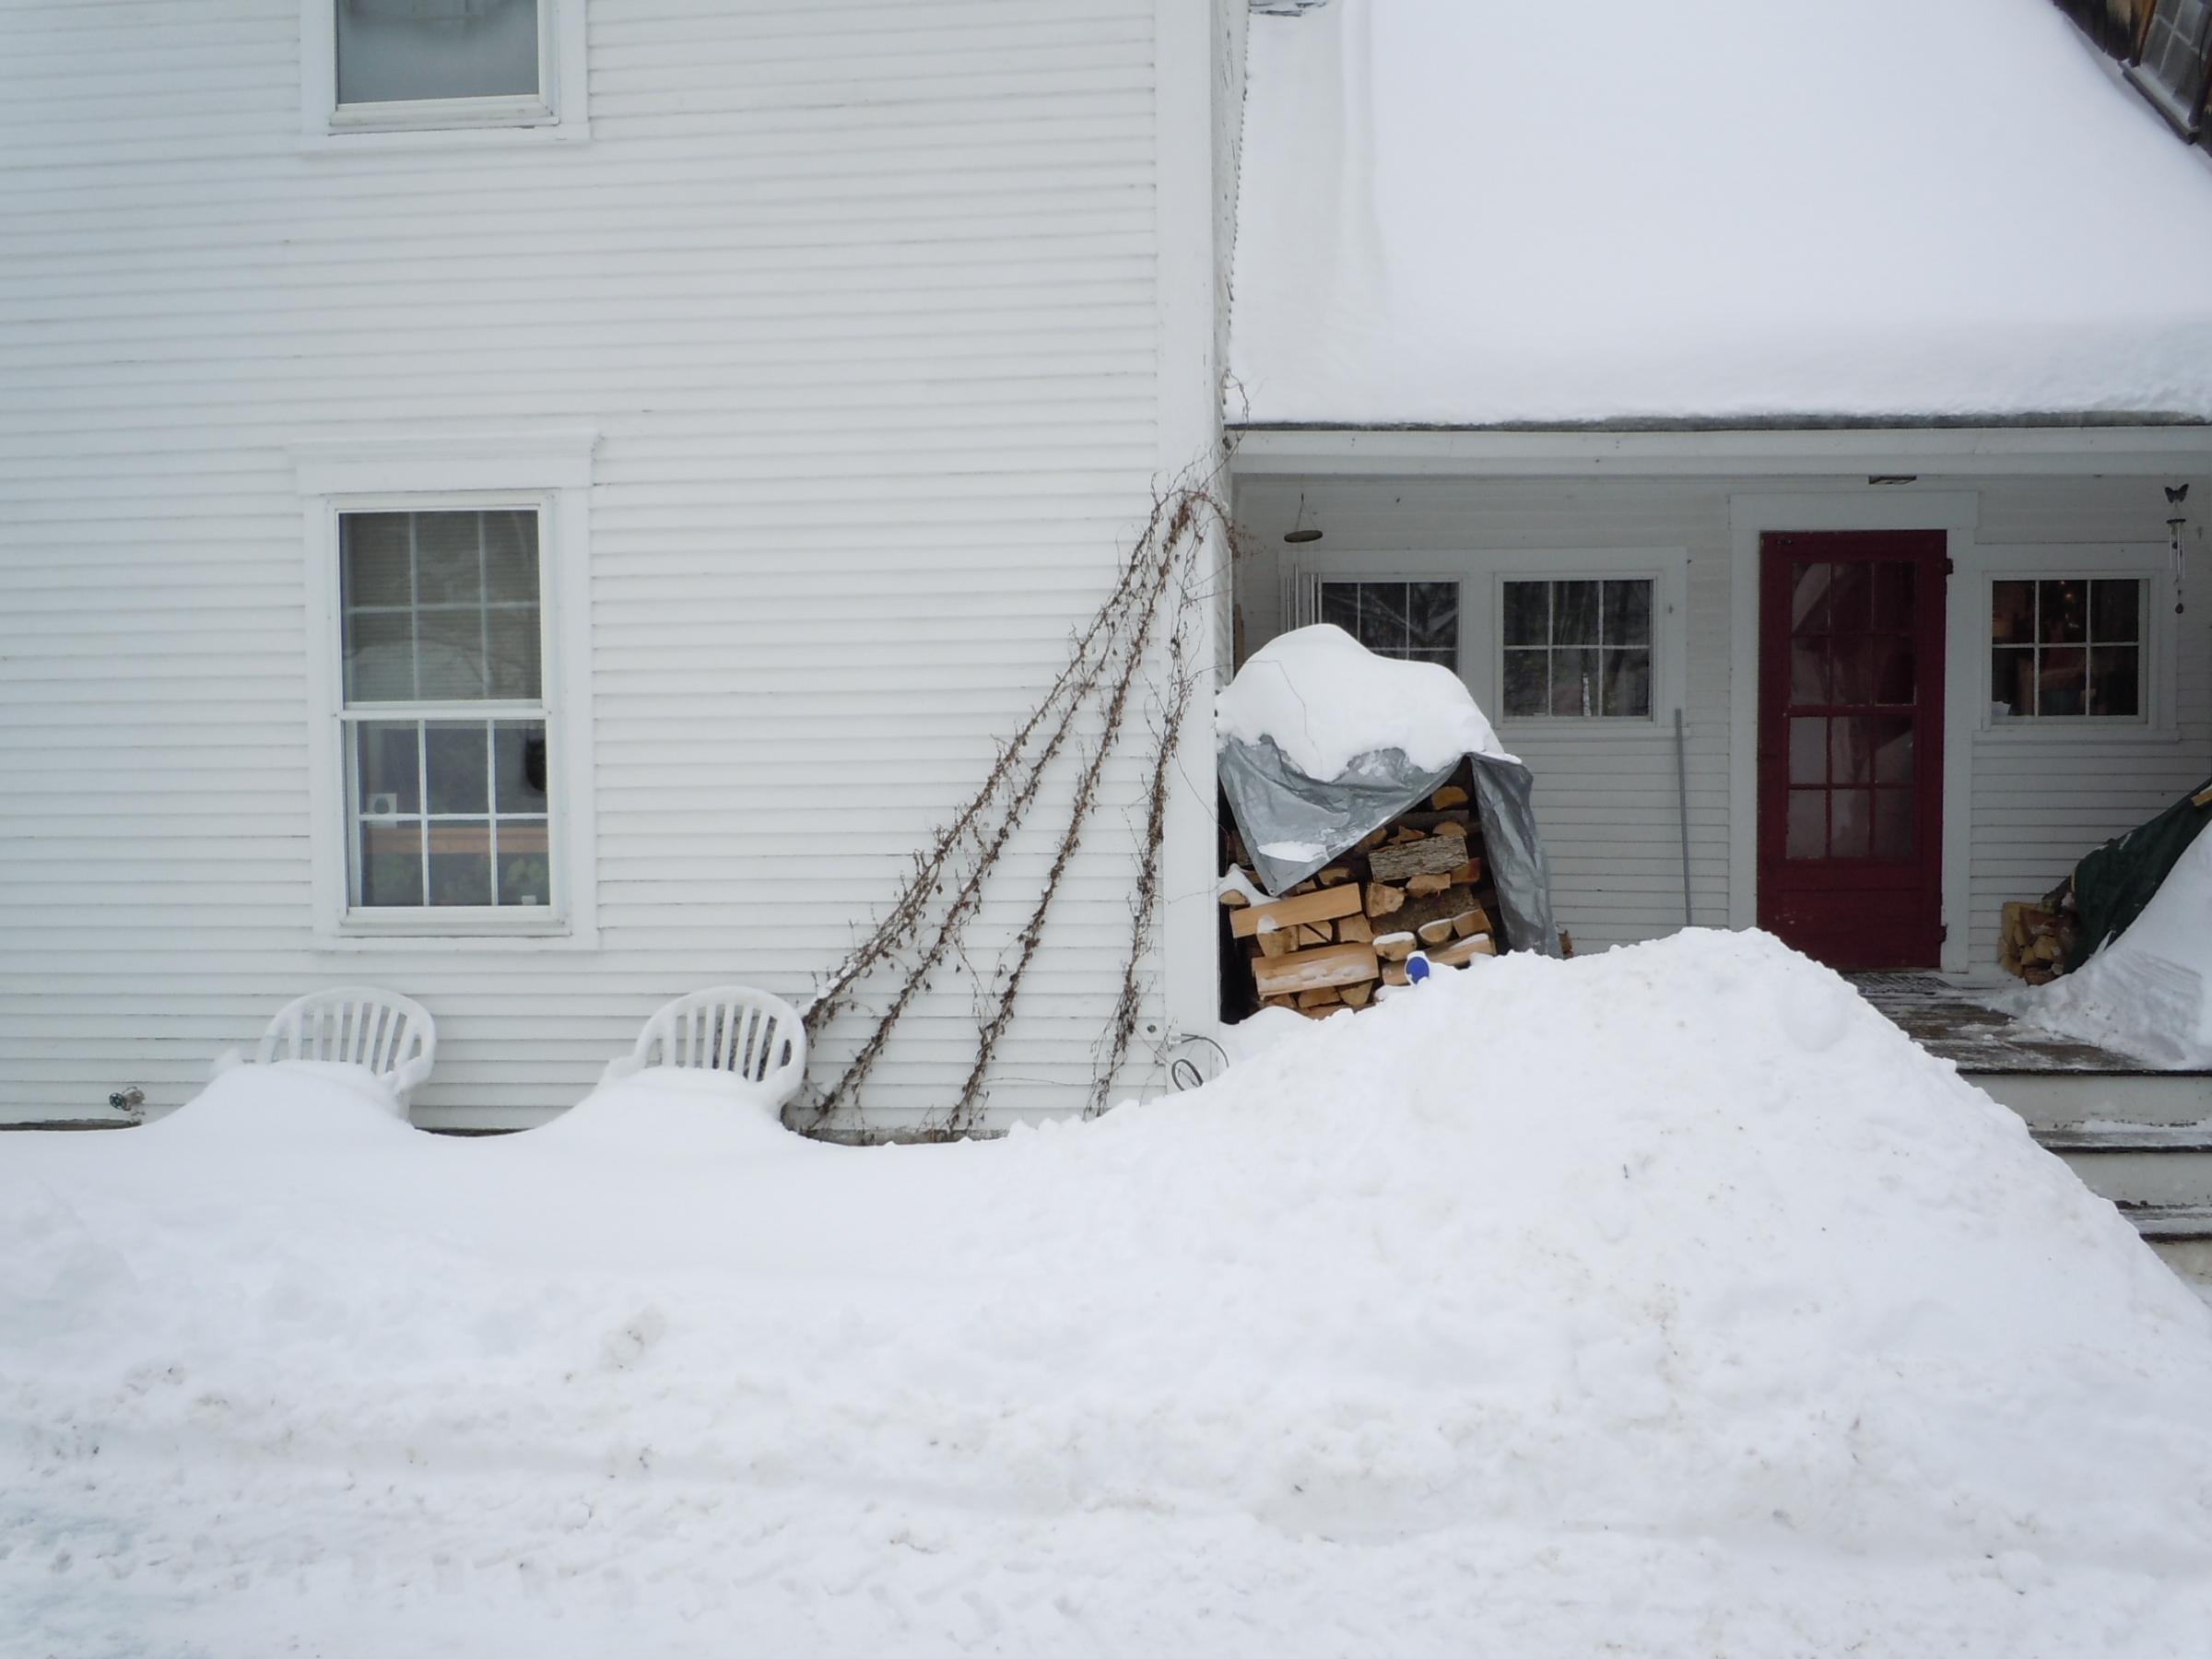 Cold River Furnitureu0027s Snow Covered Patio Furniture